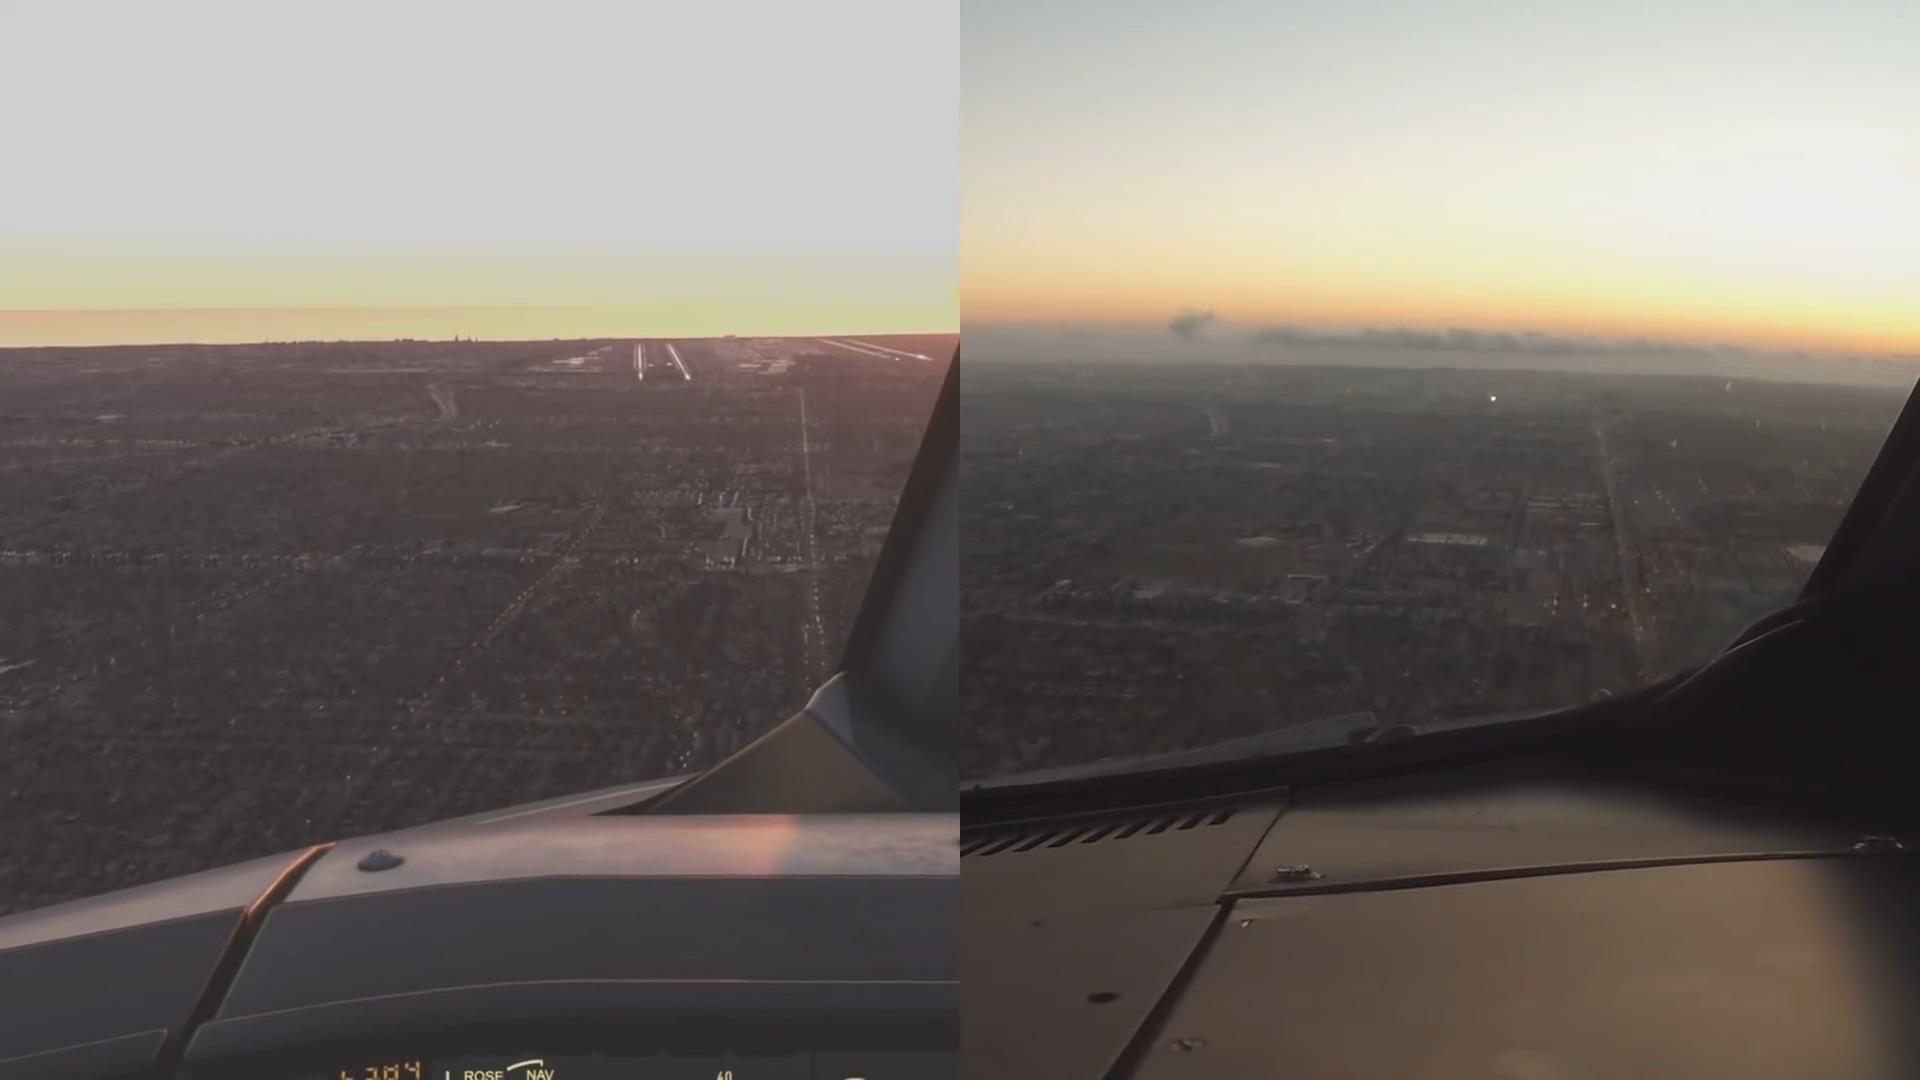 足可以假乱真 《微软飞行模拟》游戏与现实场景对比